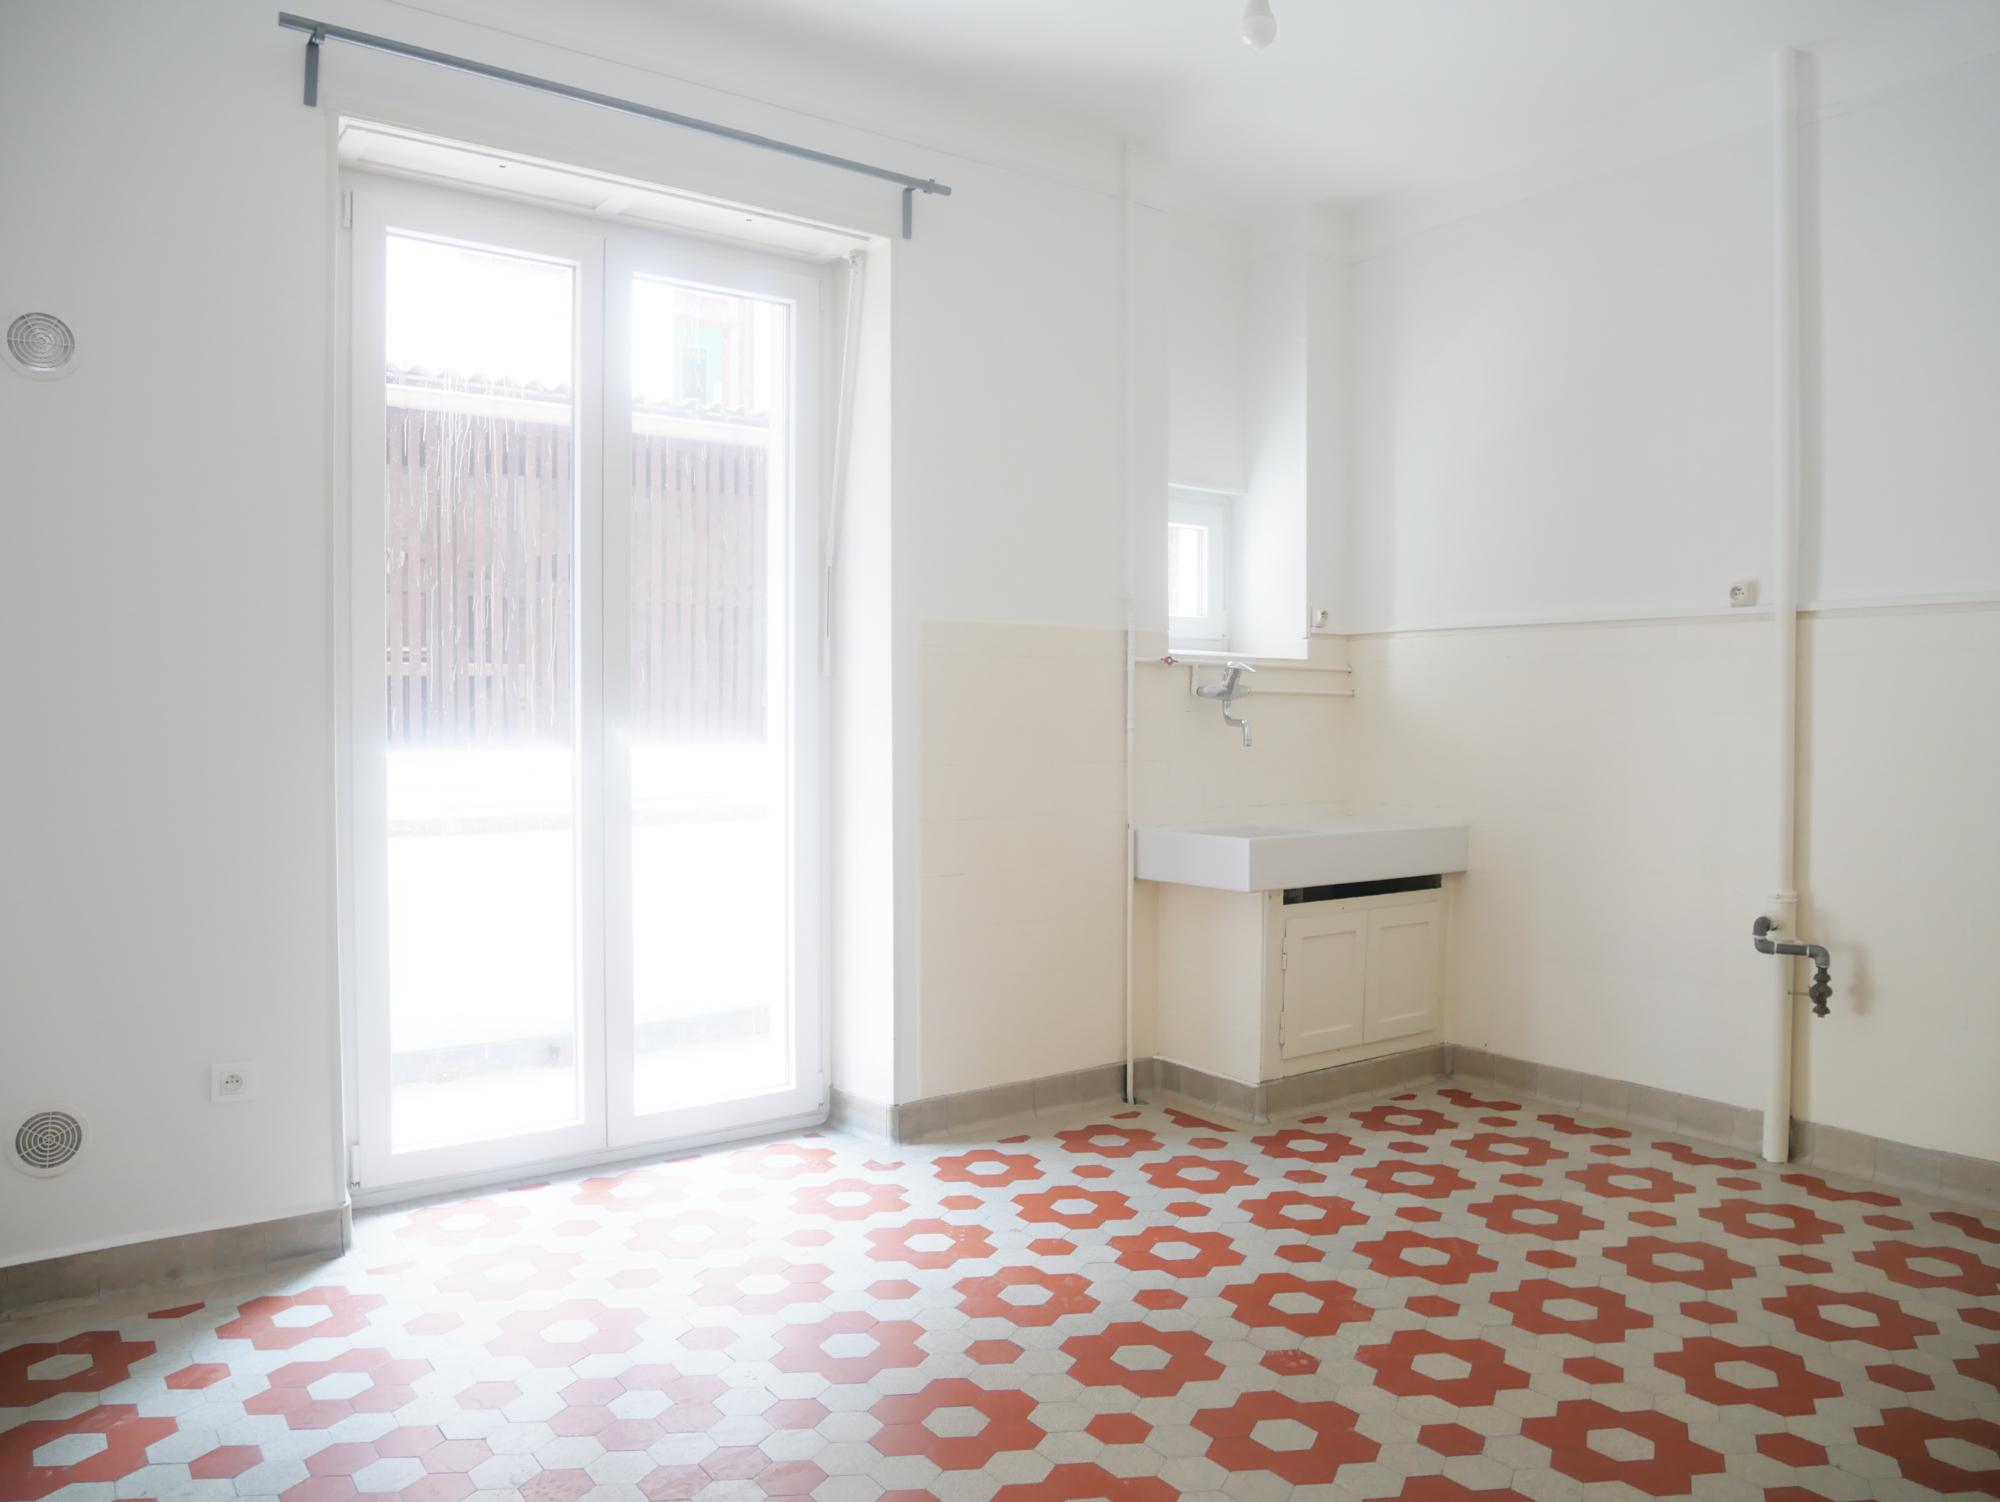 [Locomotive] 2 pièces avec balcon - Gare / rue de Marlenheim - nos locations - Beausite Immobilier 2